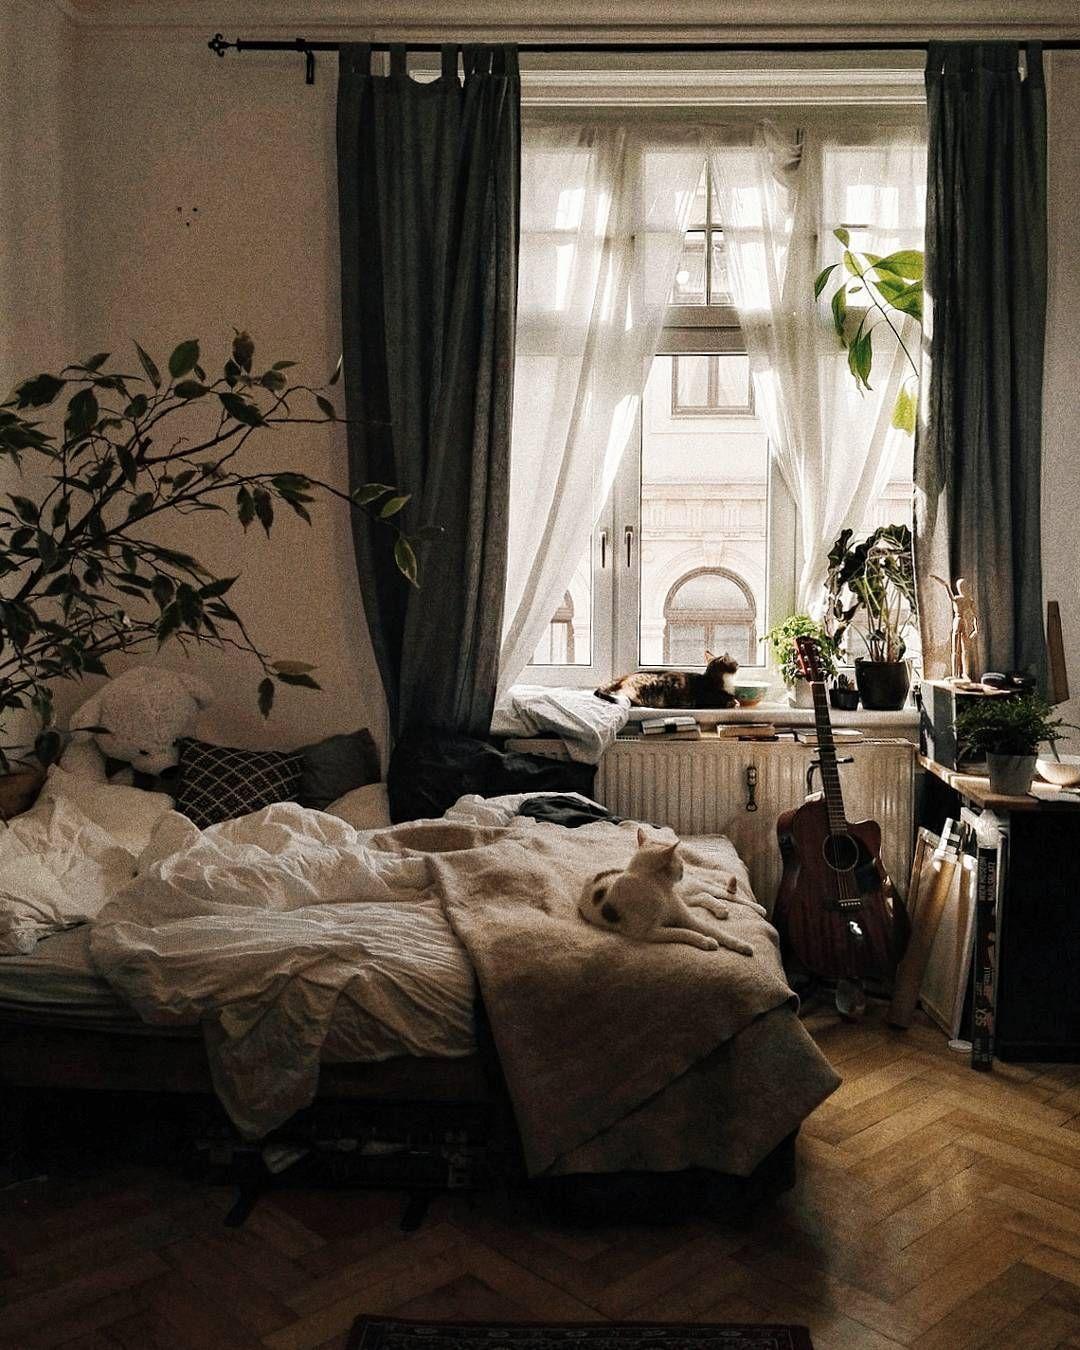 18 gemütliche und wunderschöne Betten, in die du sofort hineinkriechen möchtest – Blog